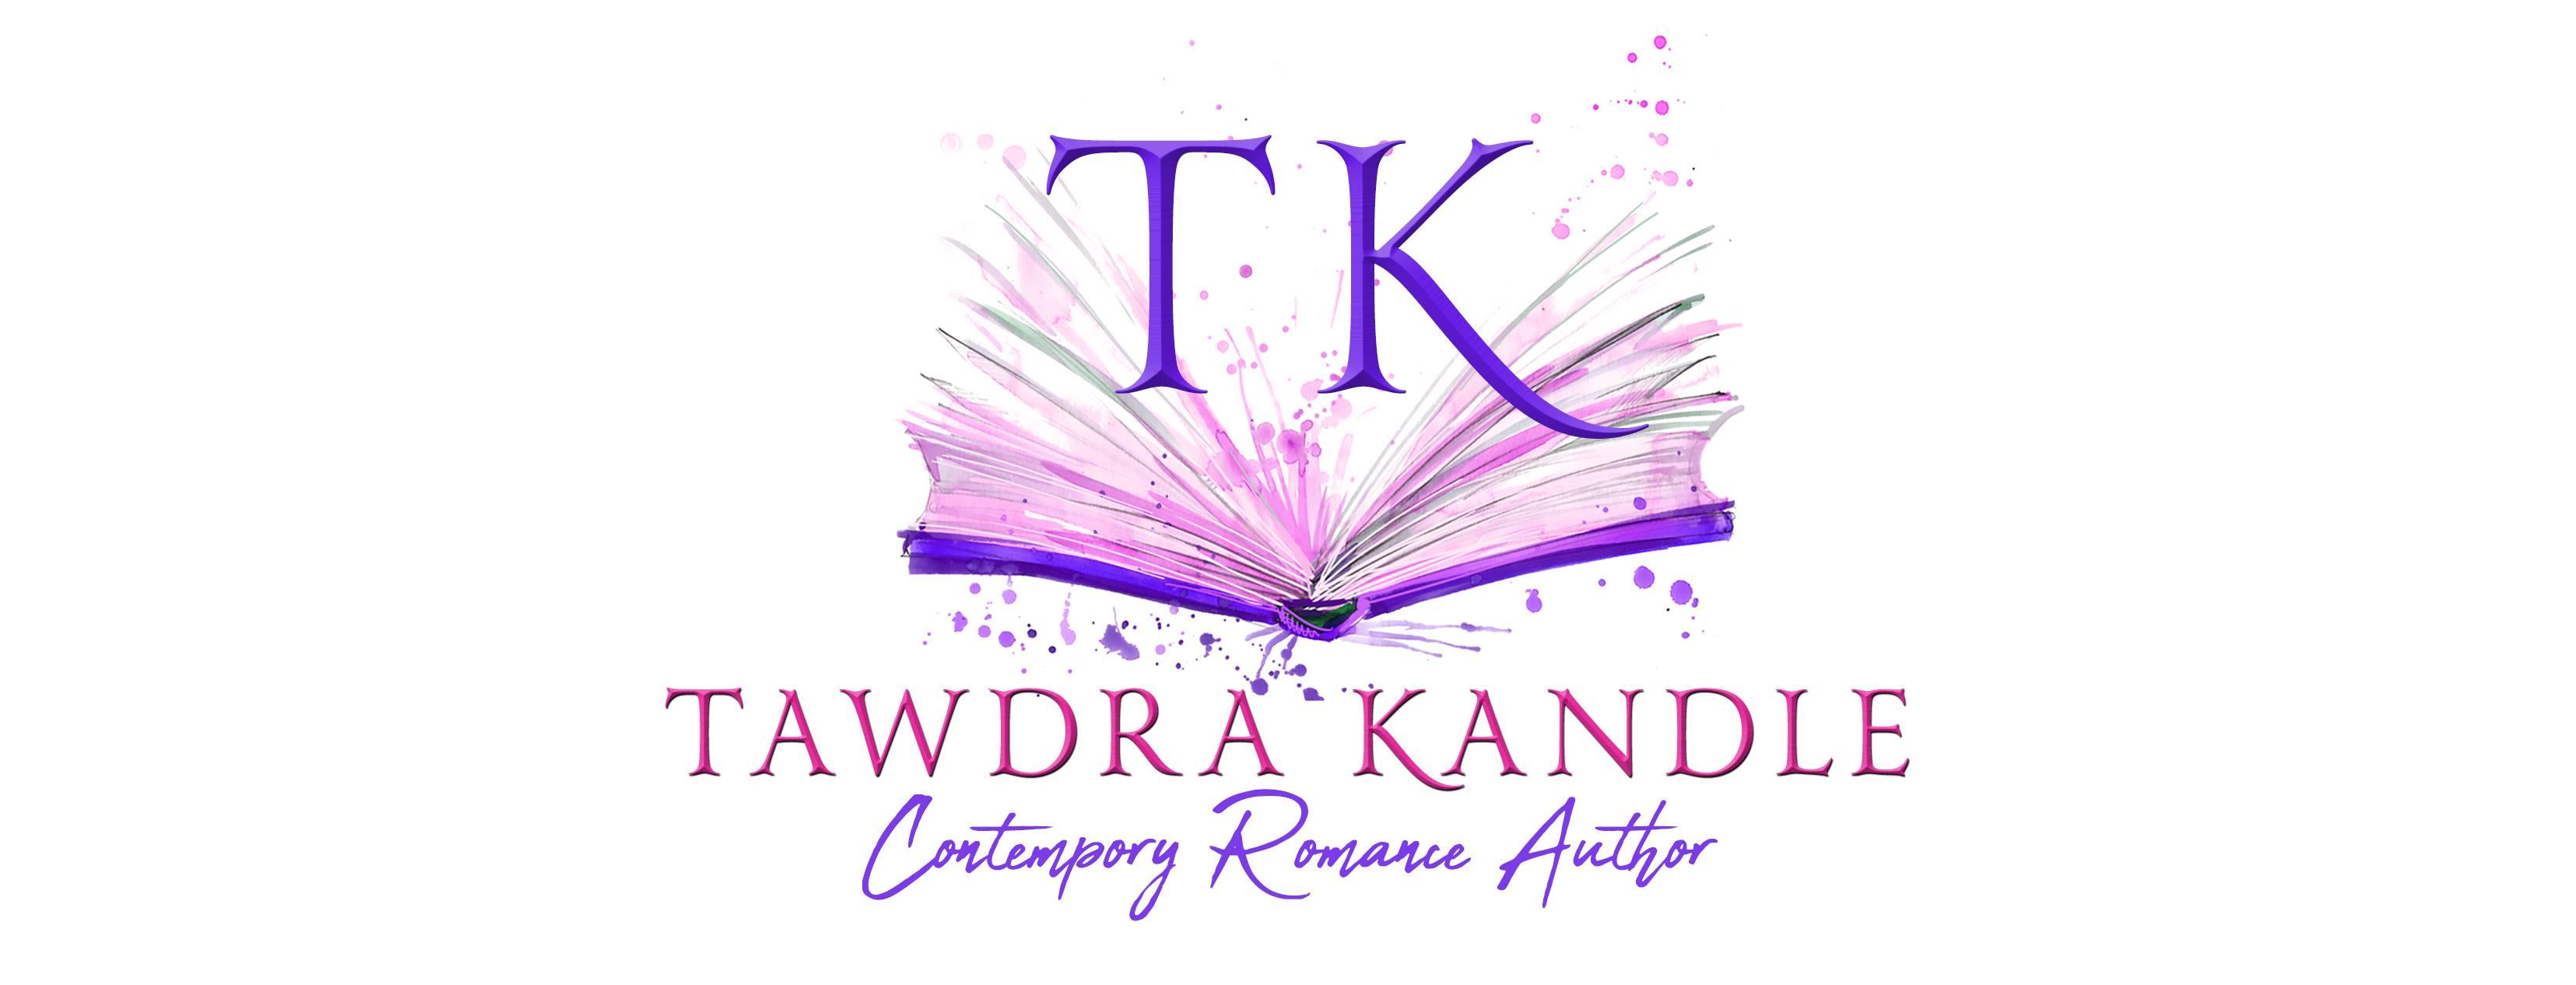 Tawdra Kandle